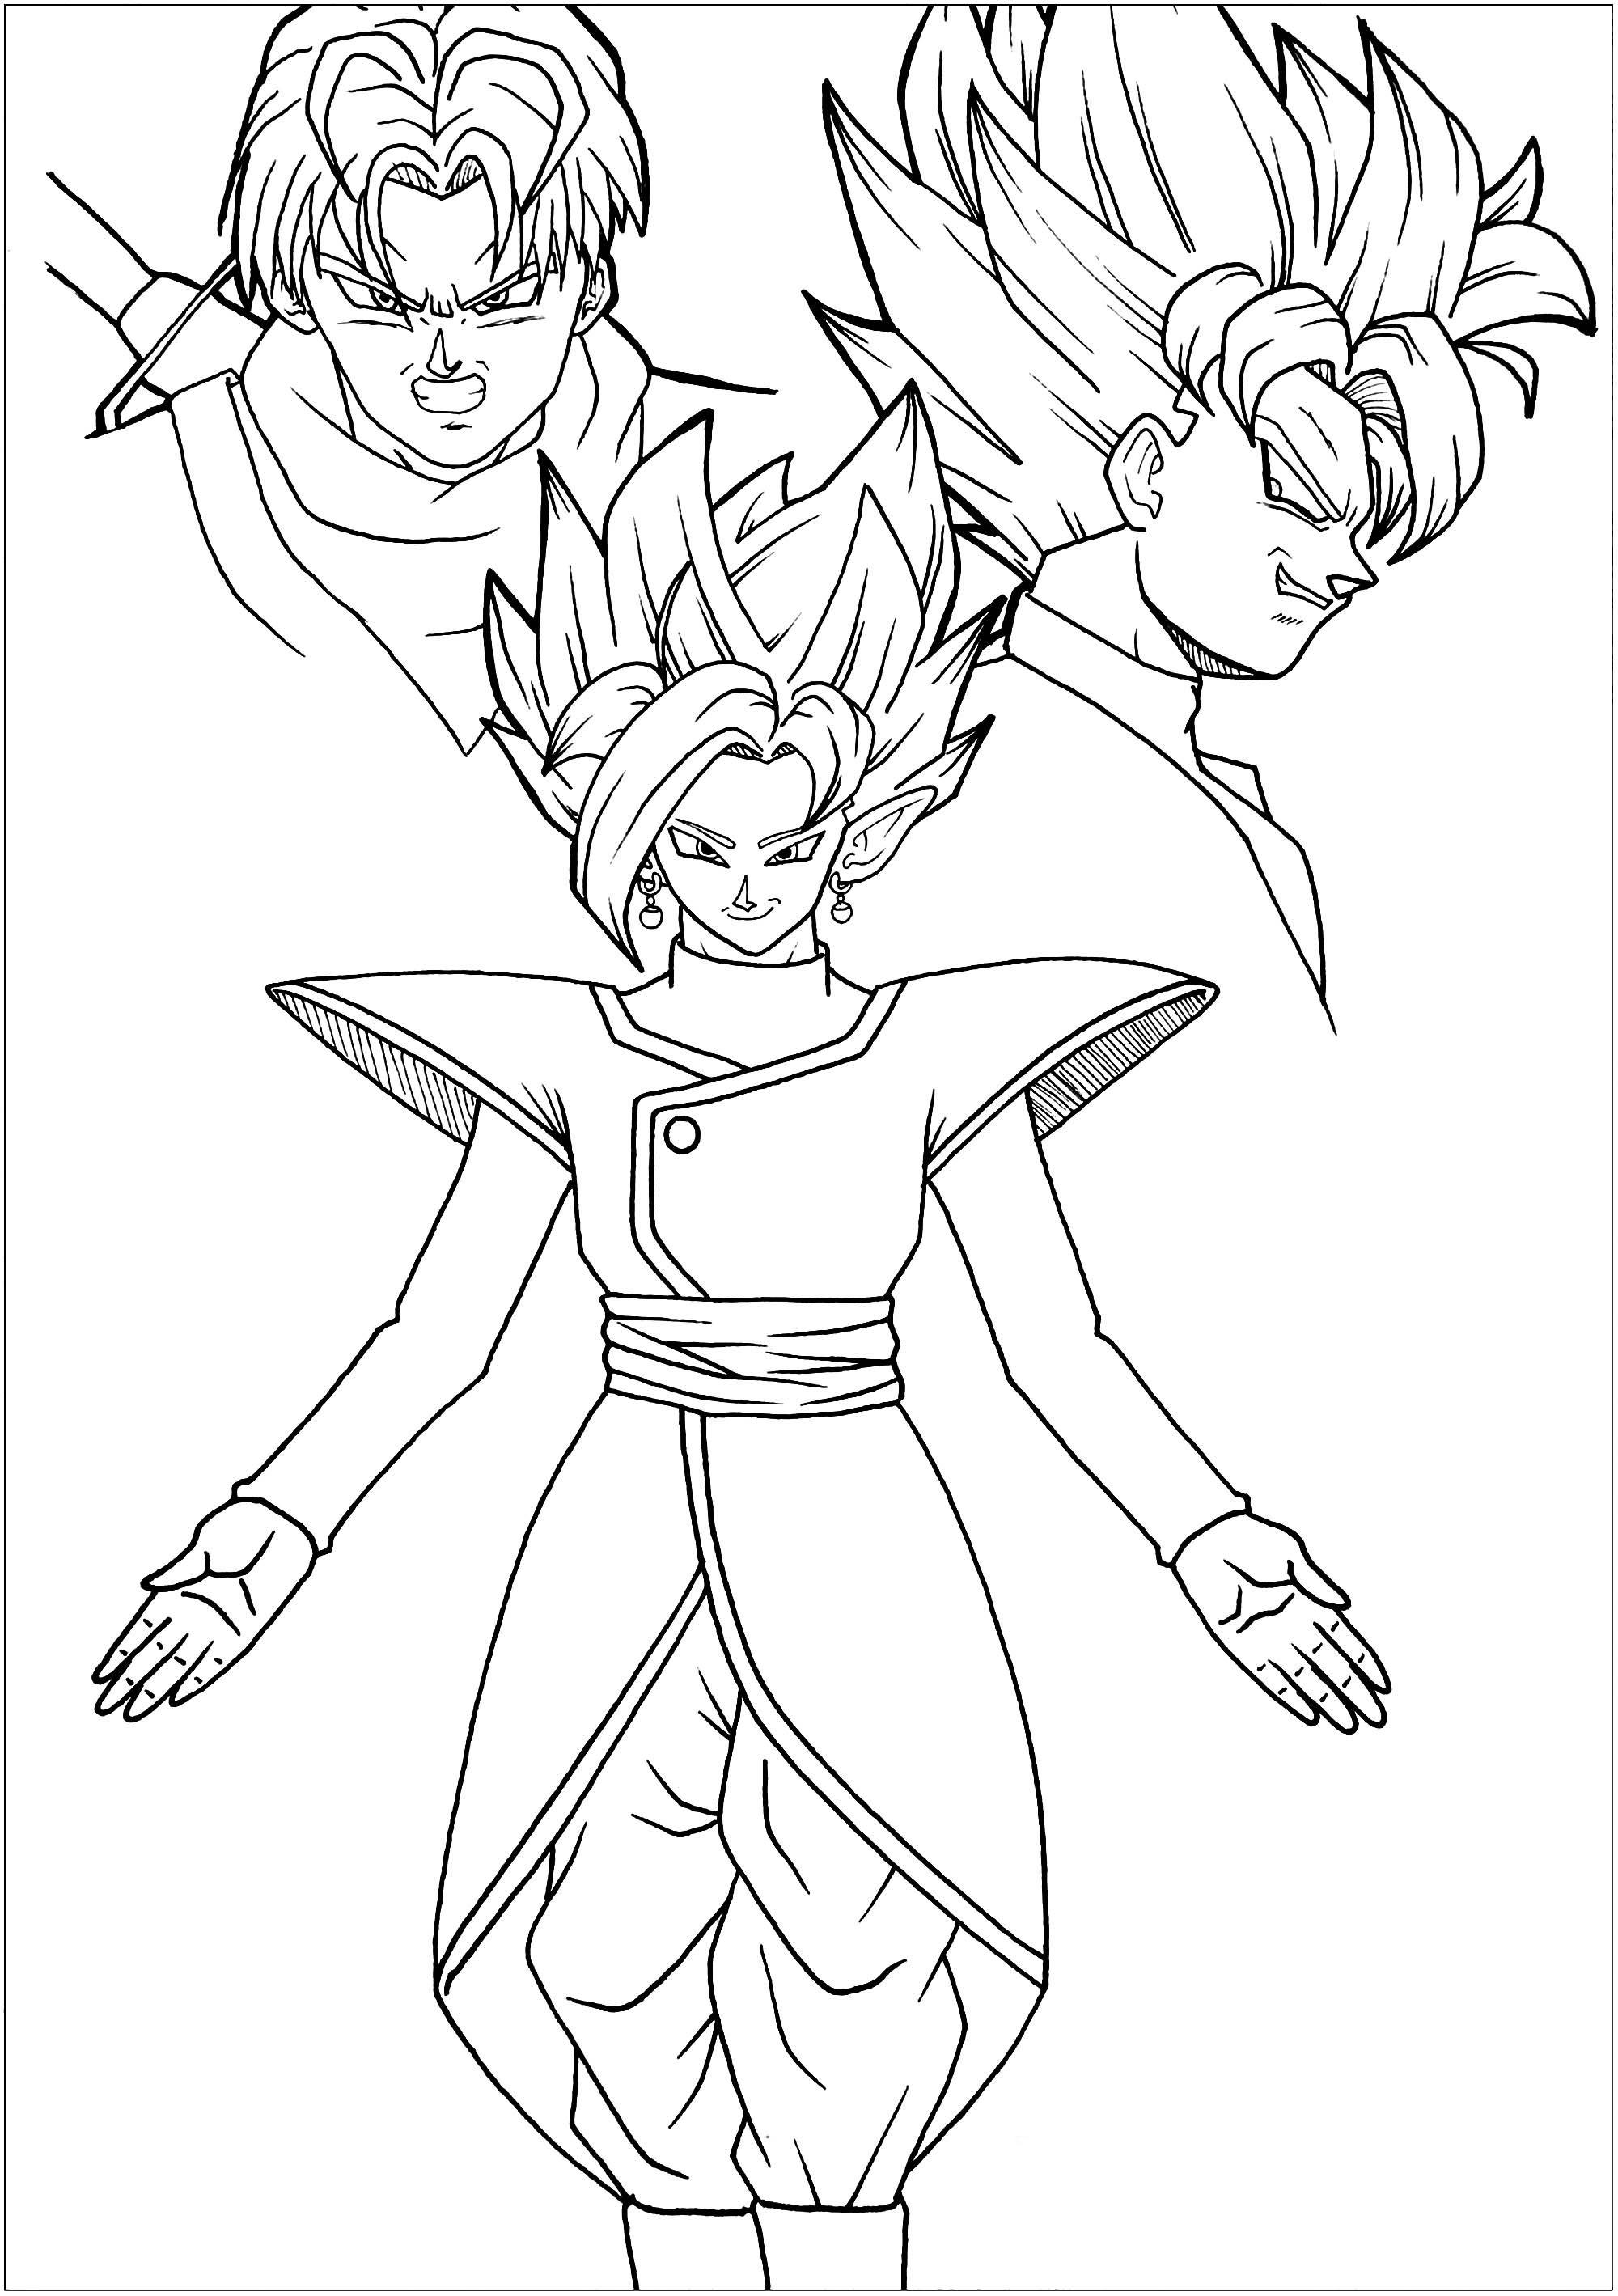 Tranh tô màu nhân vật songoku bảy viên ngọc rồng